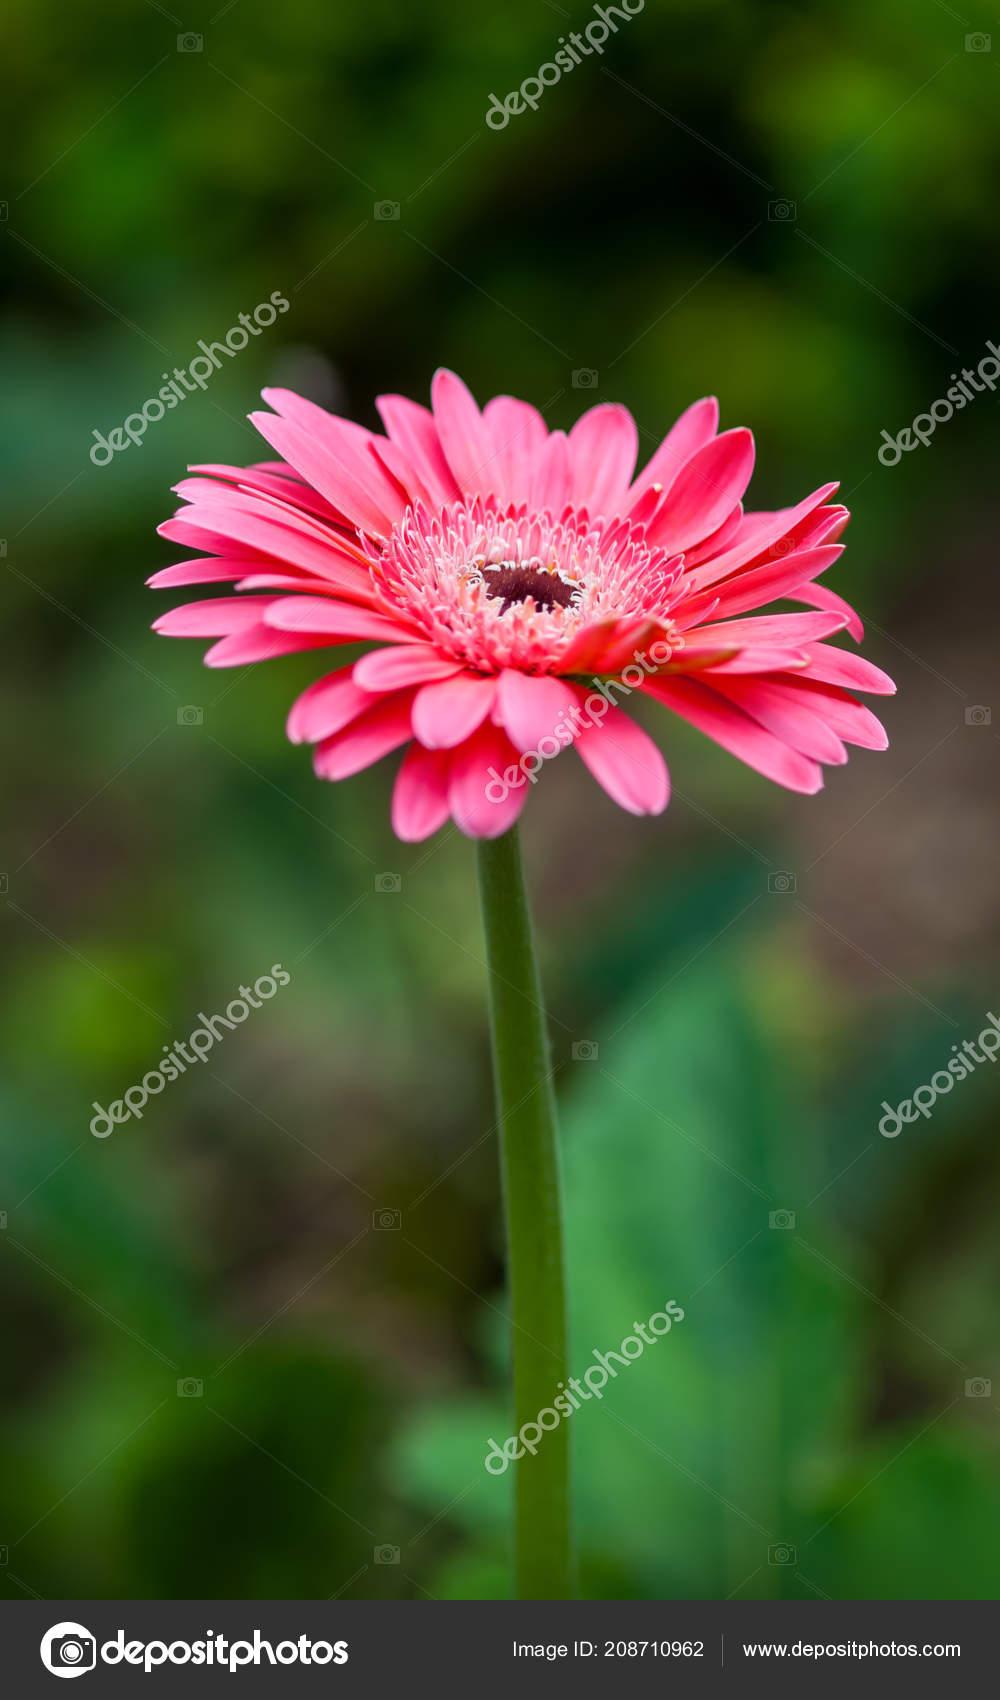 Close Beautiful Pink Gerbera Flower Background Green Garden